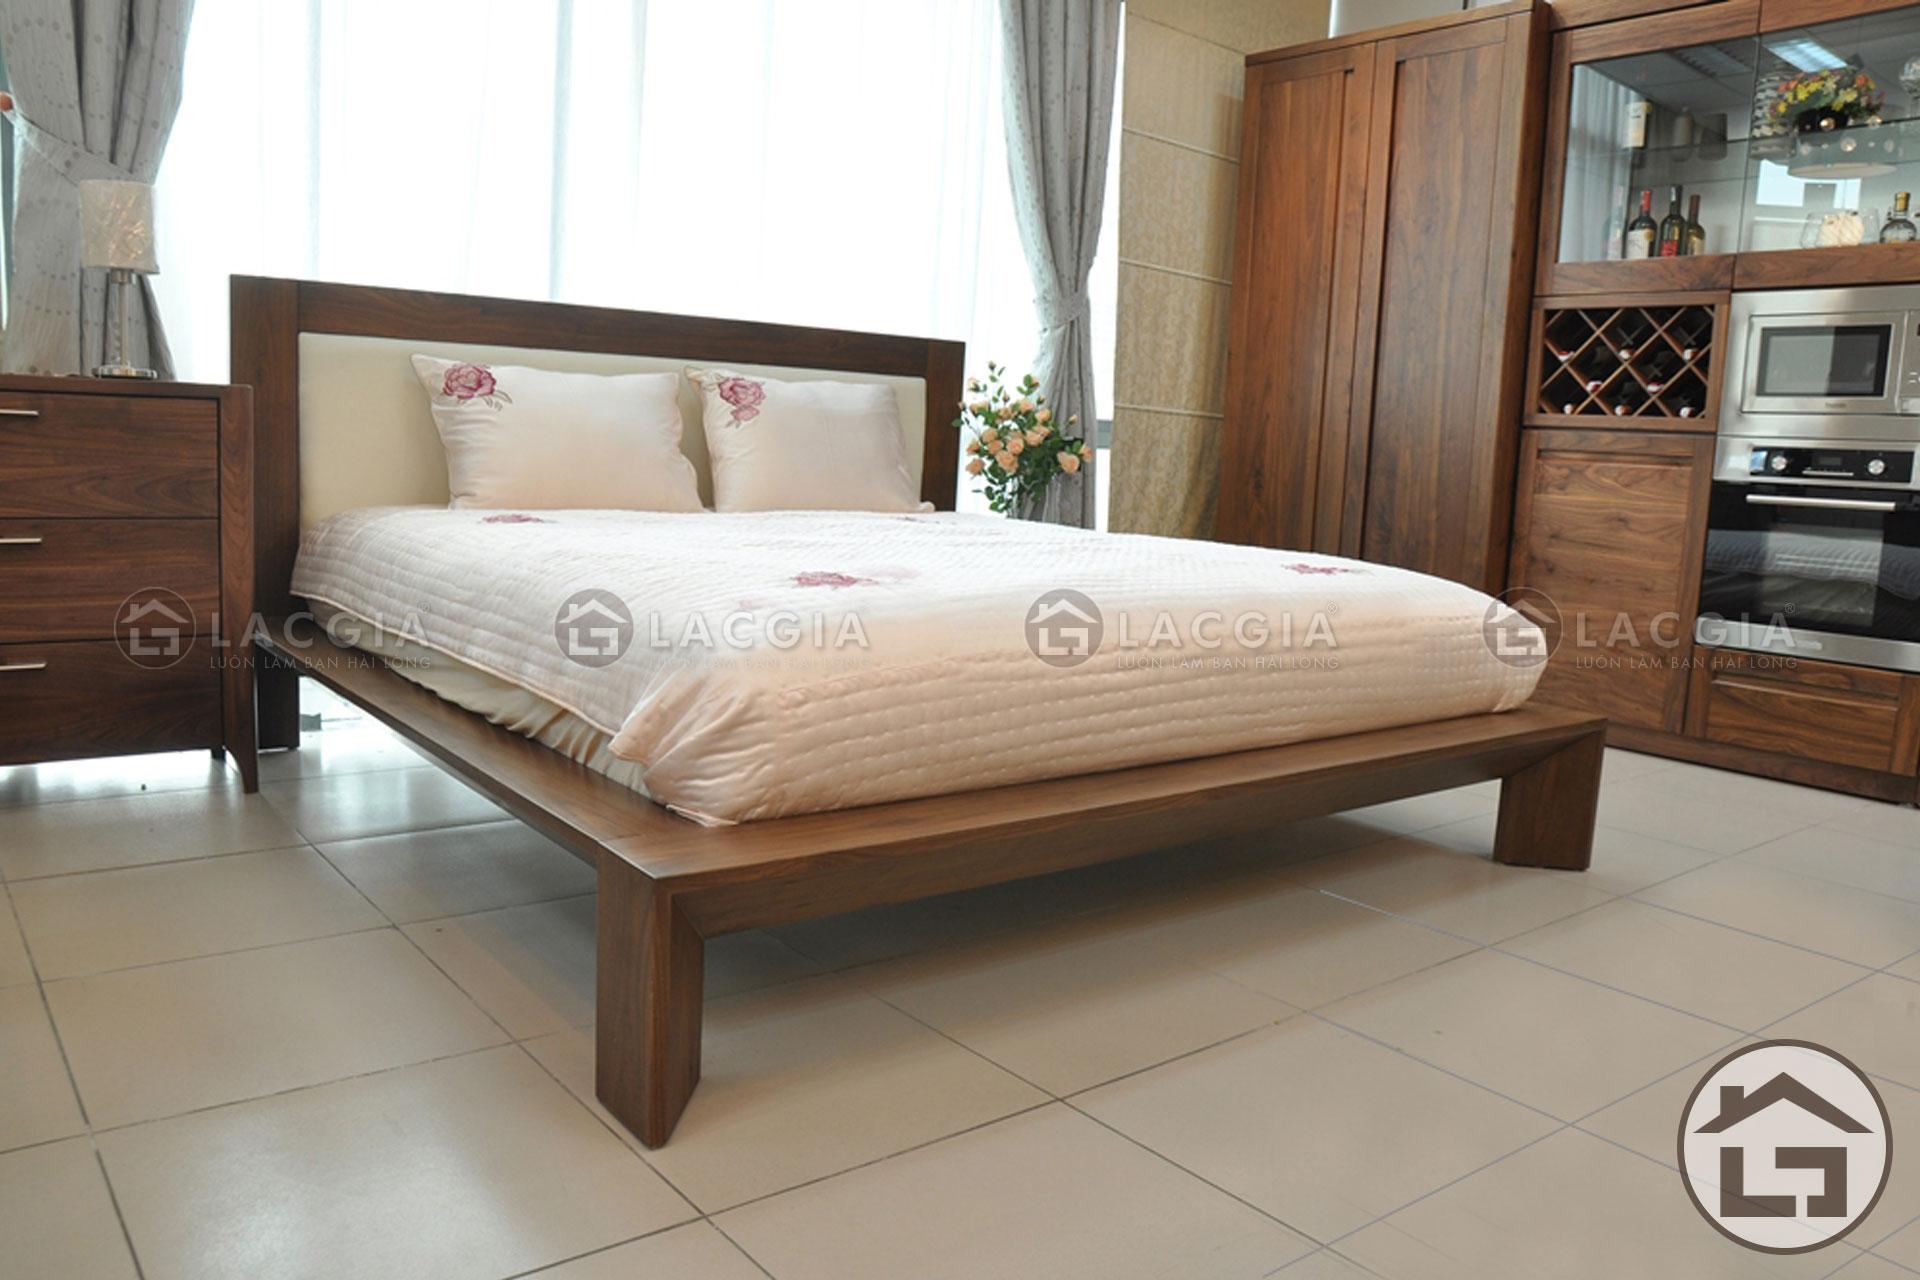 lacgia - Giường gỗ đẹp GN04